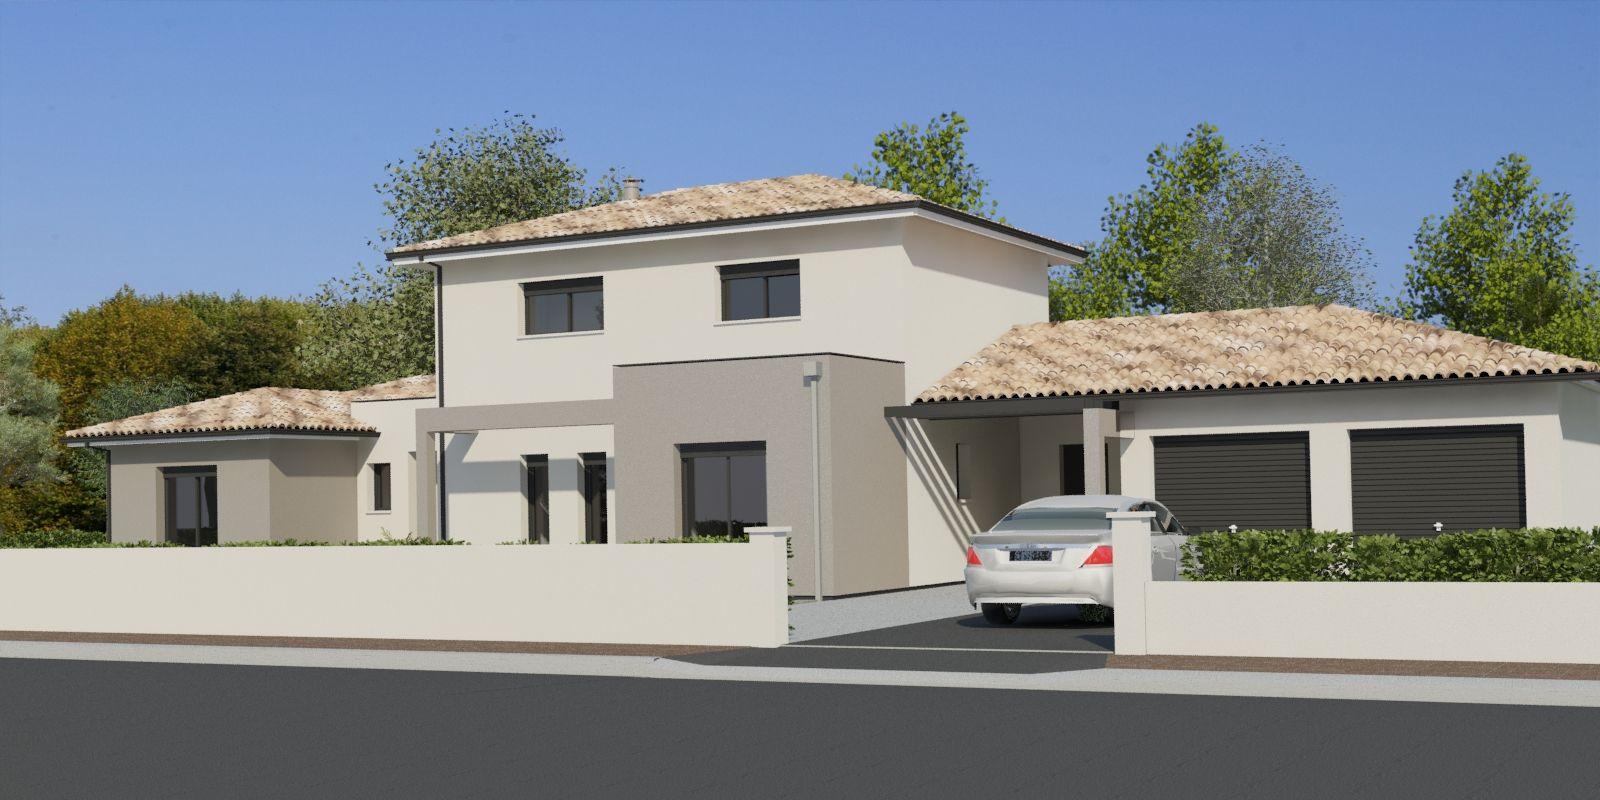 Maison à étage projet n7 2